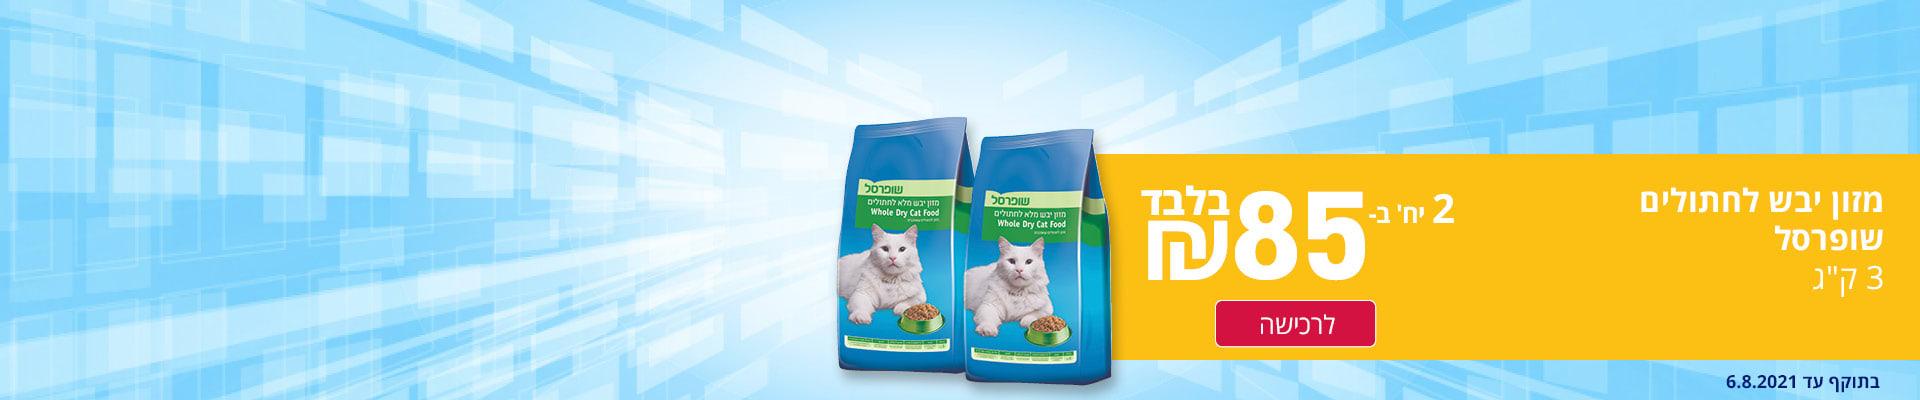 """מזון יבש לחתולים שופרסל 3 ק""""ג 2 יח' ב-85 ₪ בלבד לרכישה בתוקף עד 6.8.2021"""